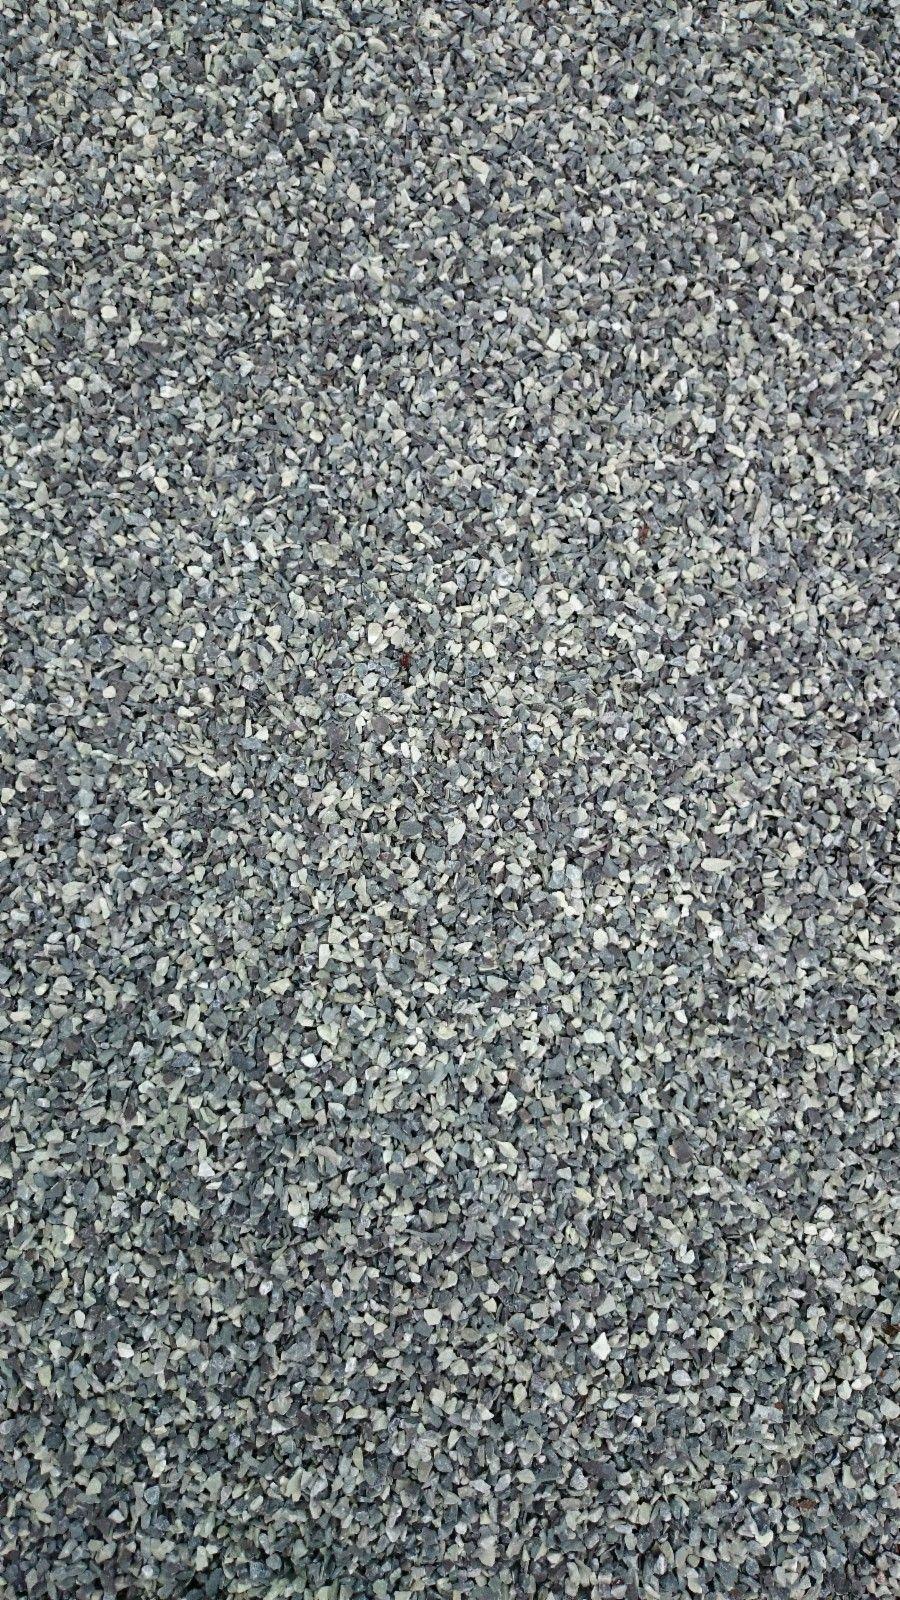 766bd8617 Elvestein, hvit & grå hagesingel, pukk, singel og steinmel | FINN.no